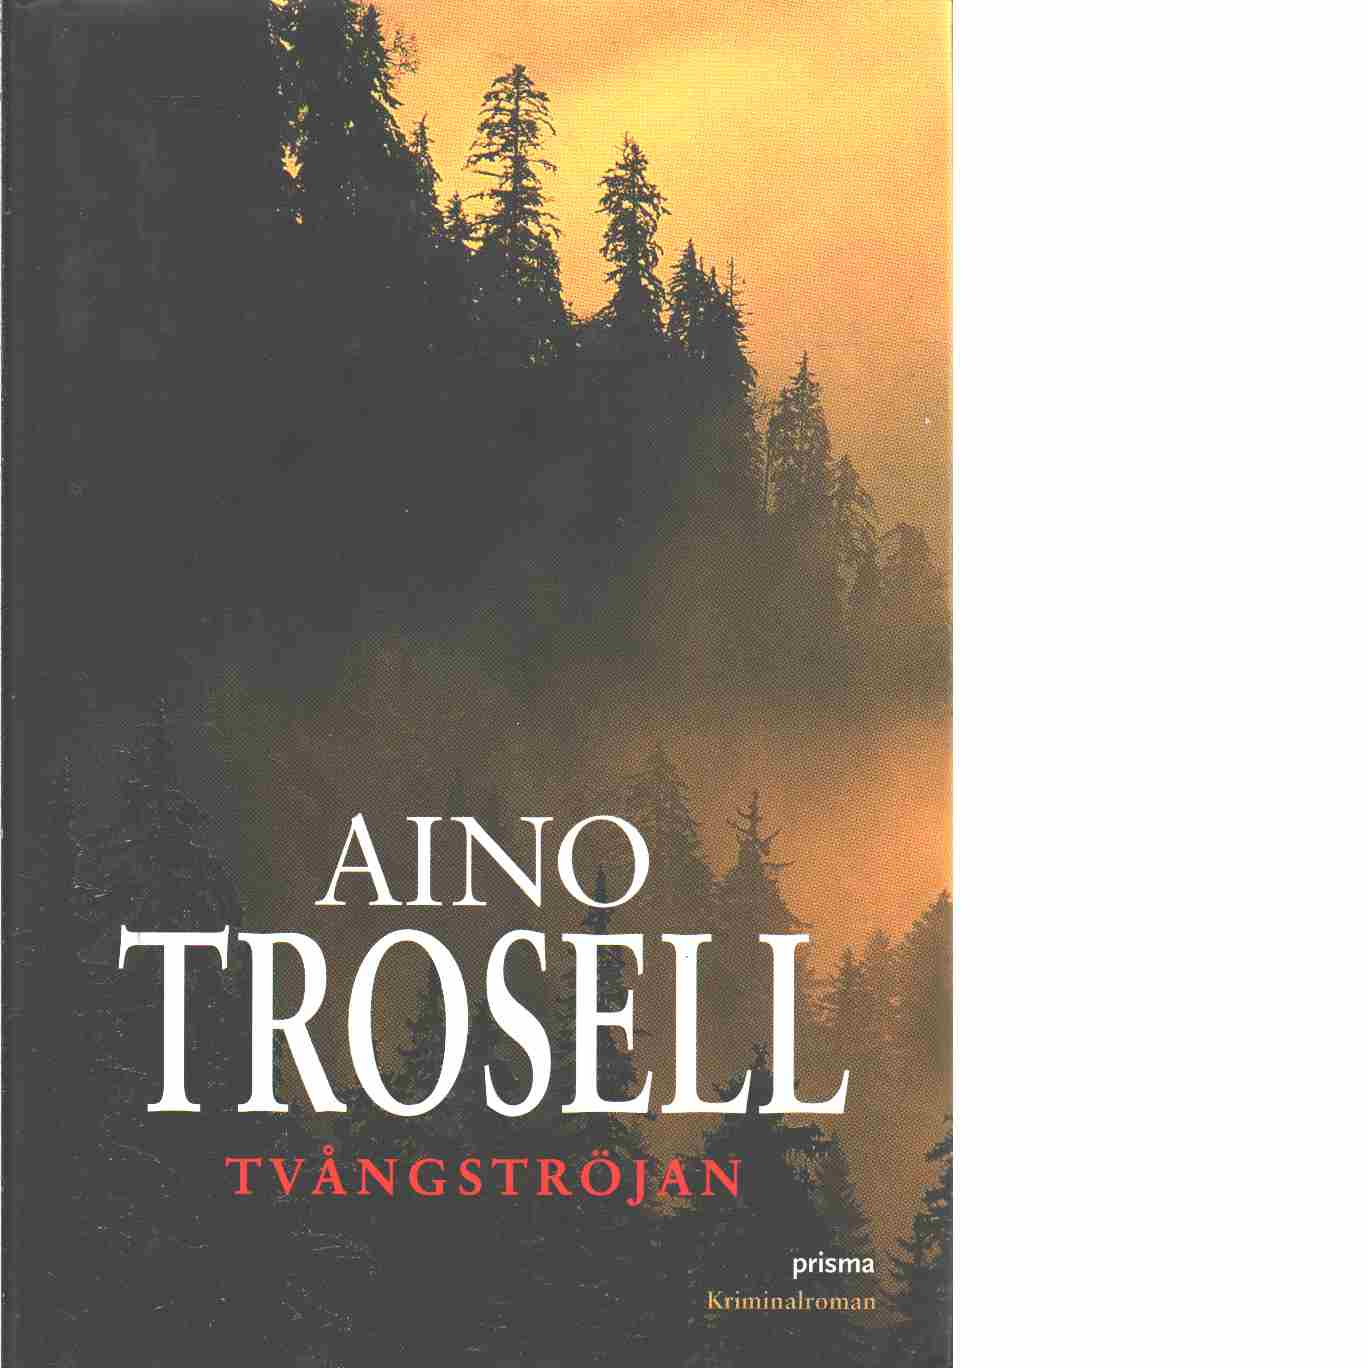 Tvångströjan - Trosell, Aino